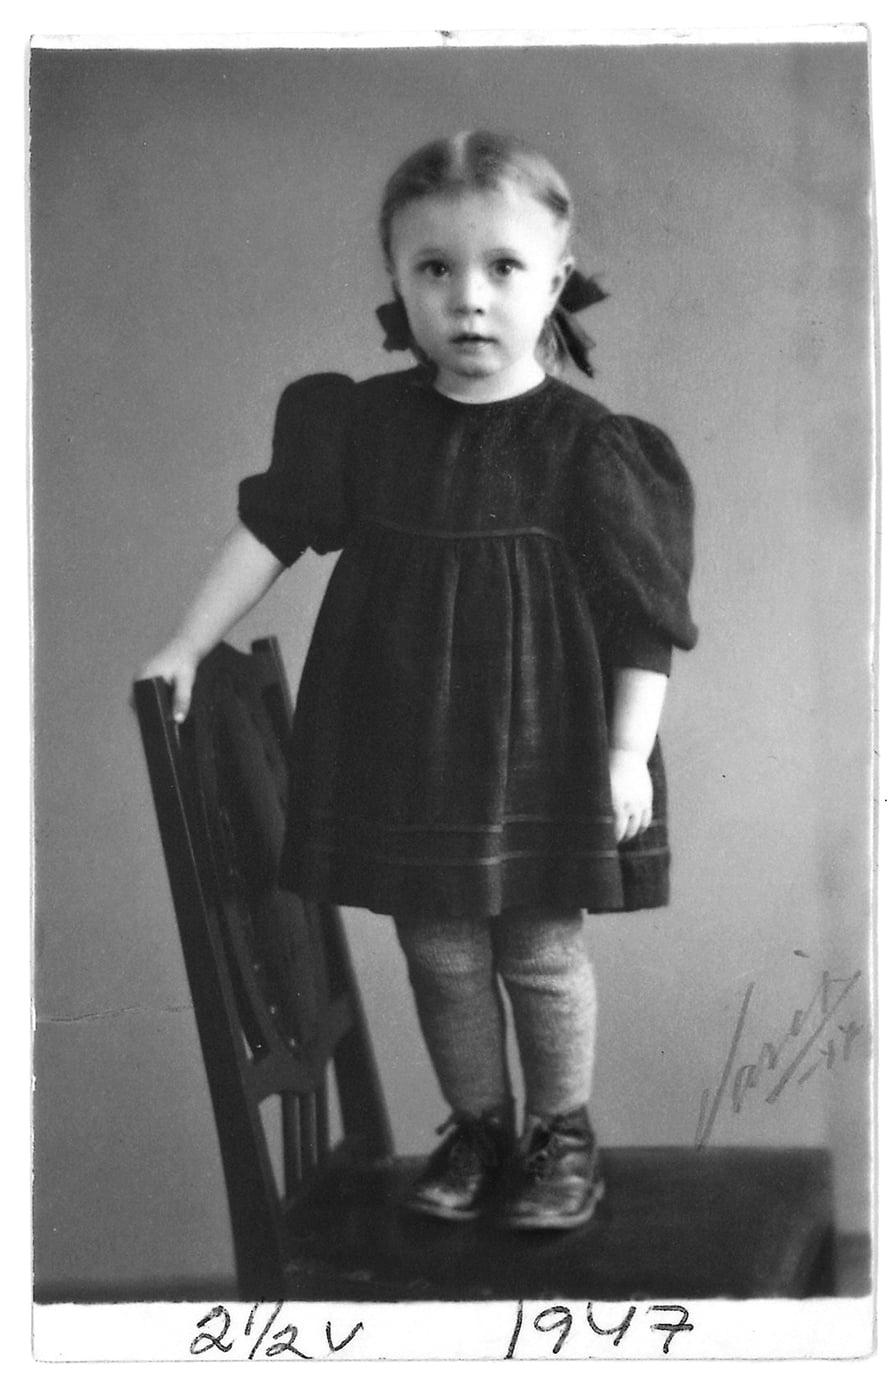 Vuonna 1947 otettu kuva  on ajalta, jolloin Marjatta adoptoitiin.